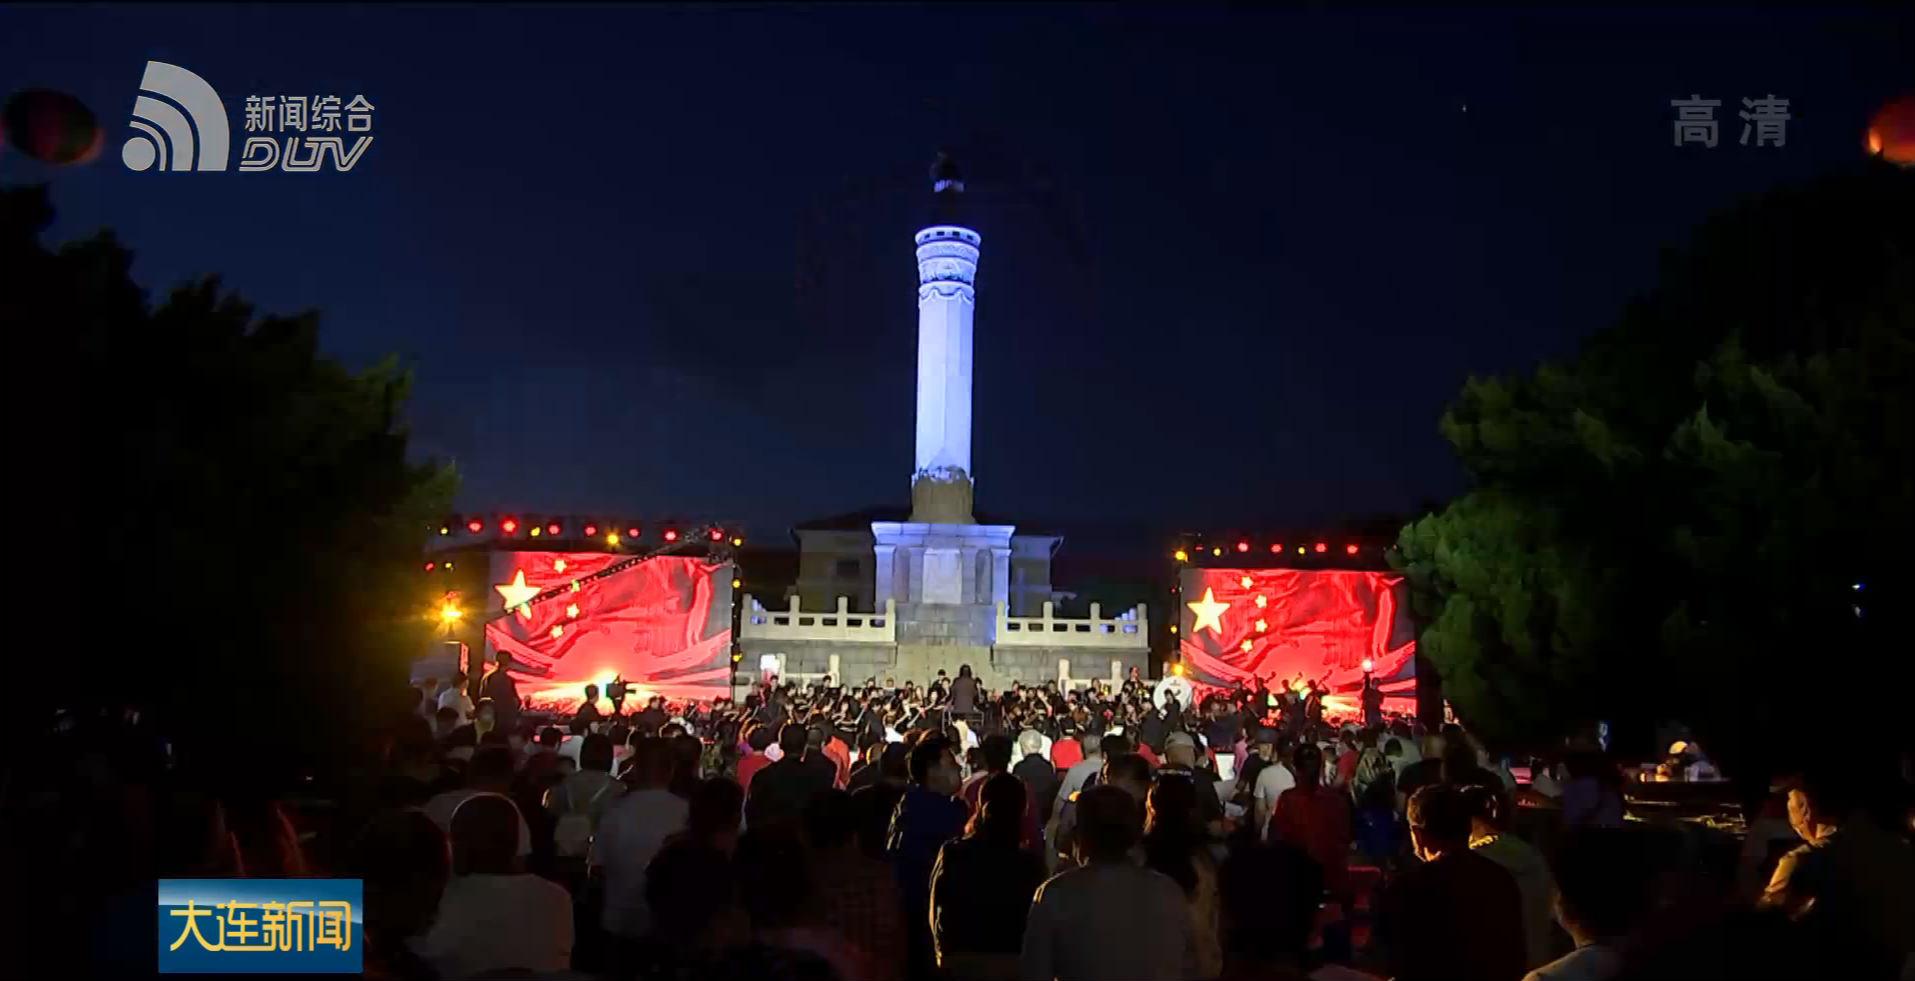 我市舉行紀念抗戰勝利75周年系列活動